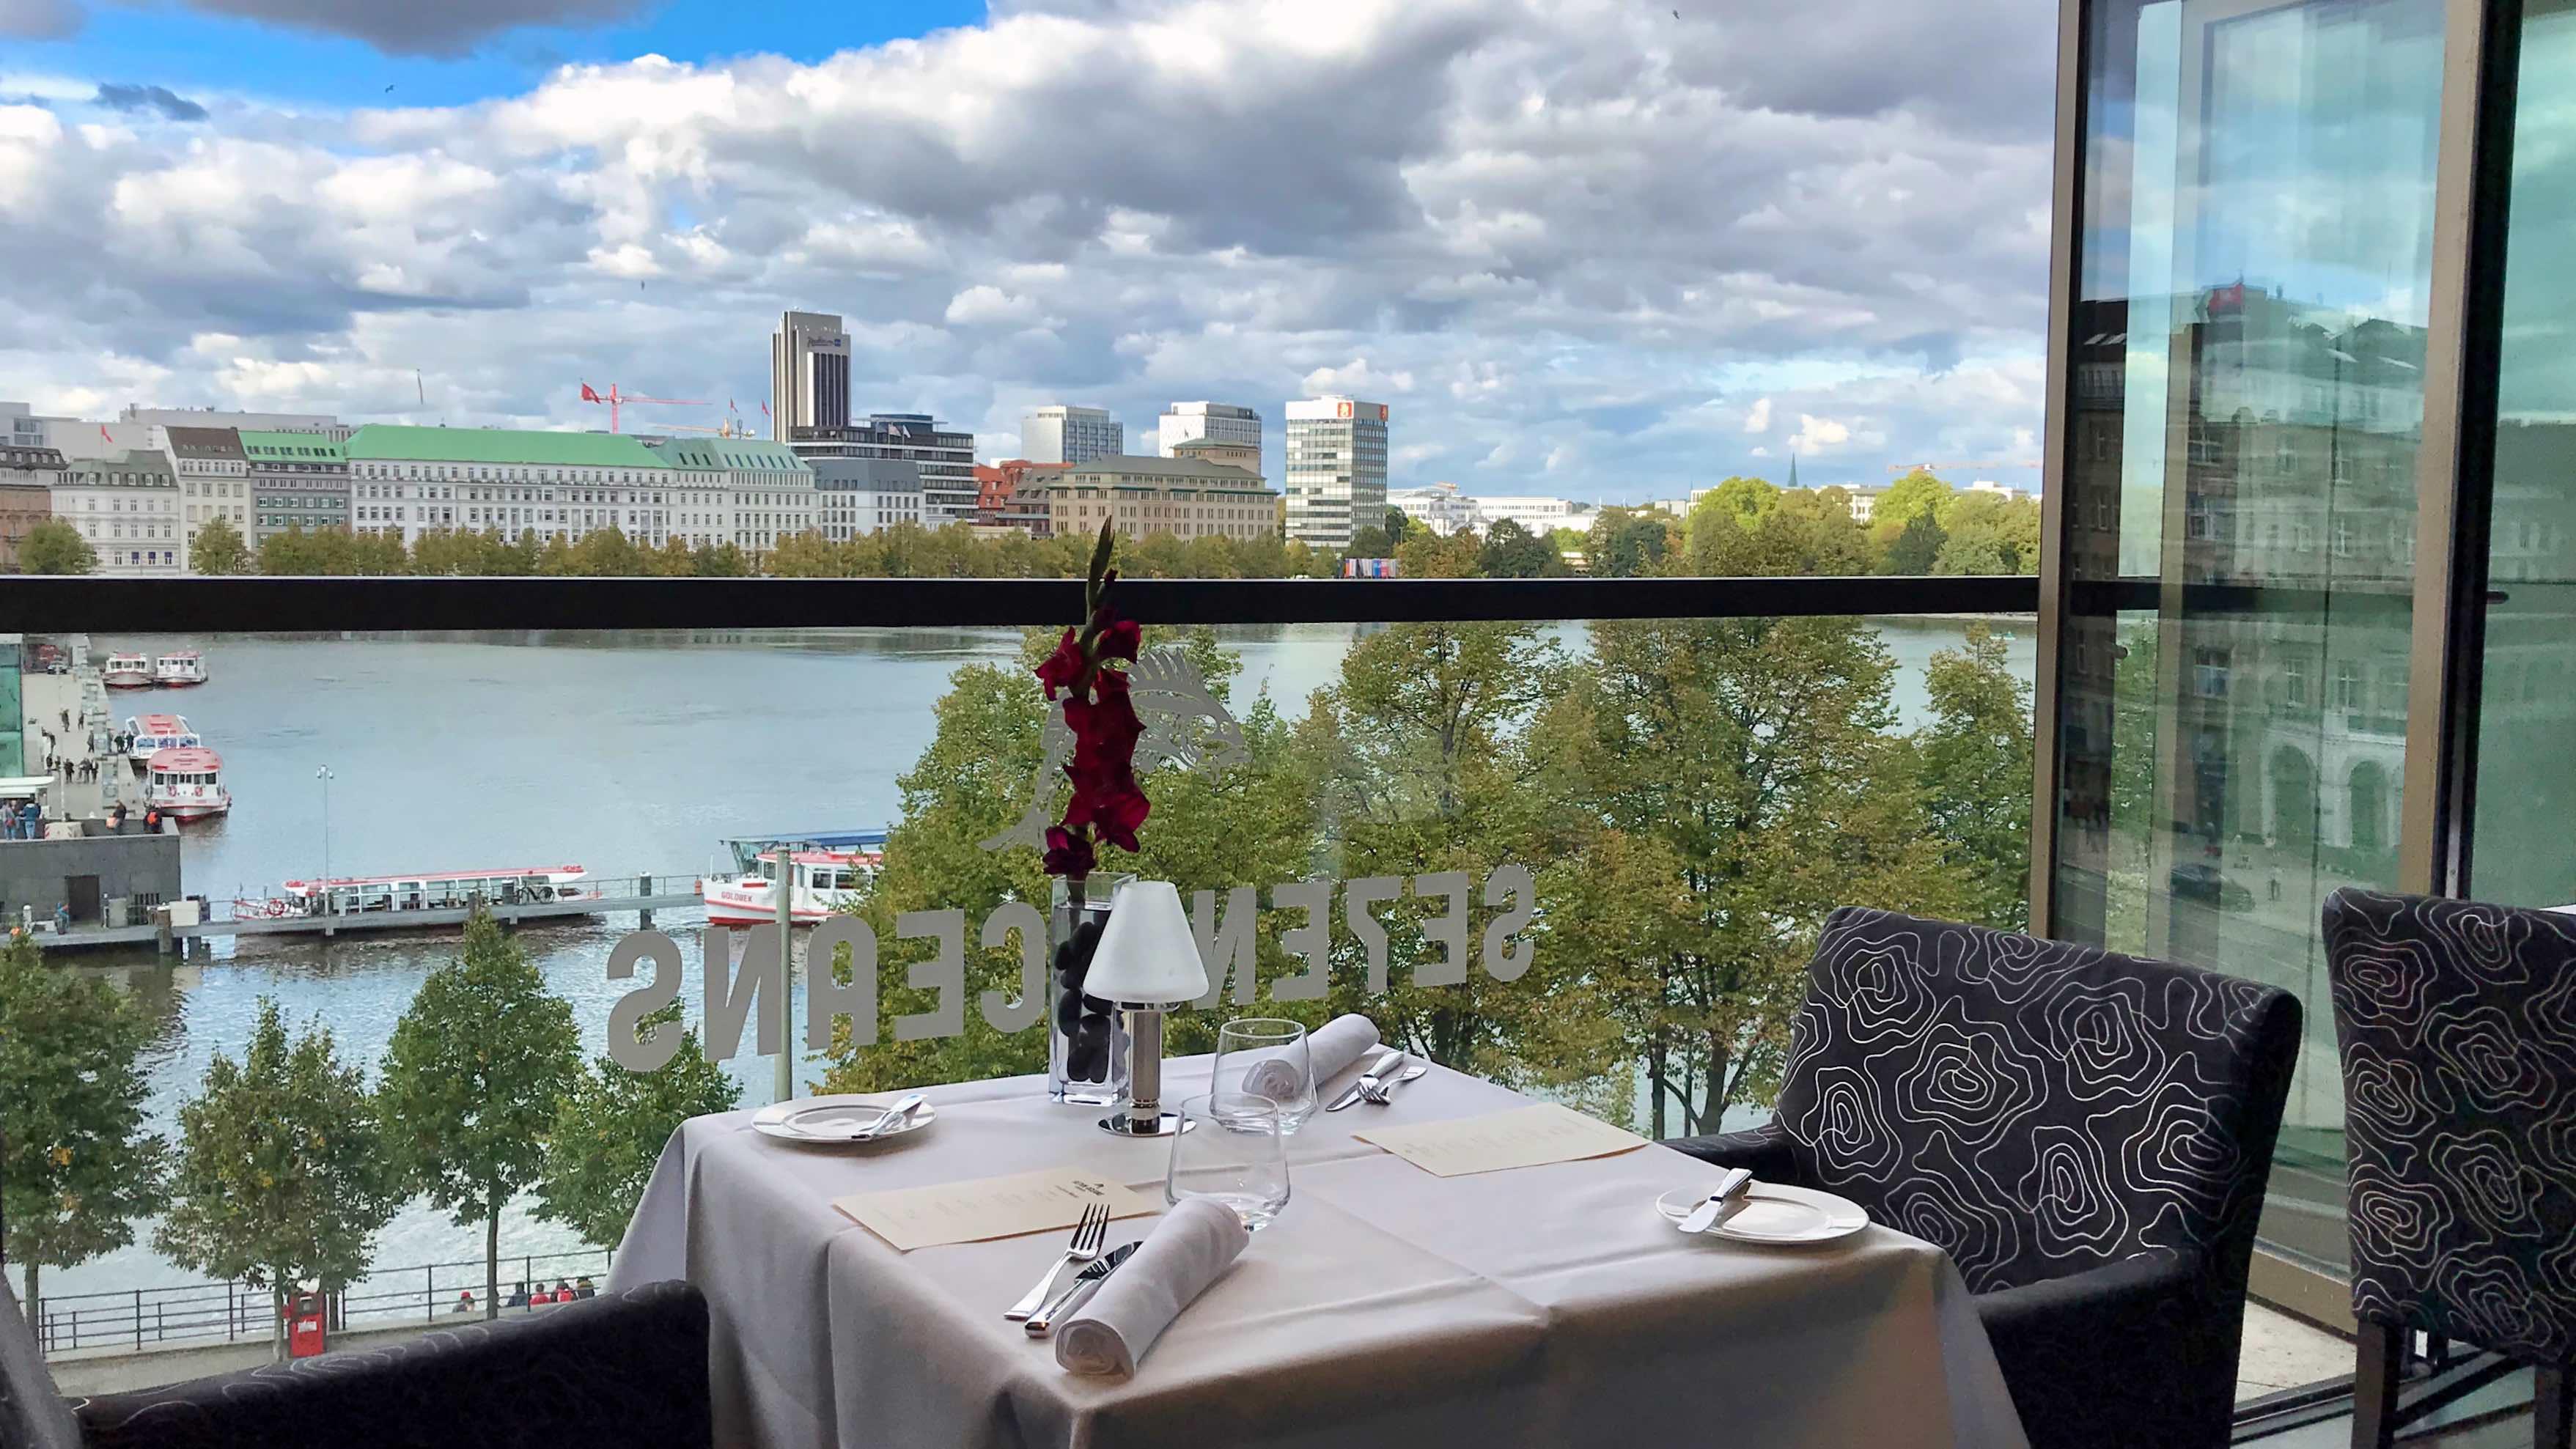 Doppelt genießen: Alsterpanorama und die Sternekunst im Hamburger Restaurant Se7en Oceans.